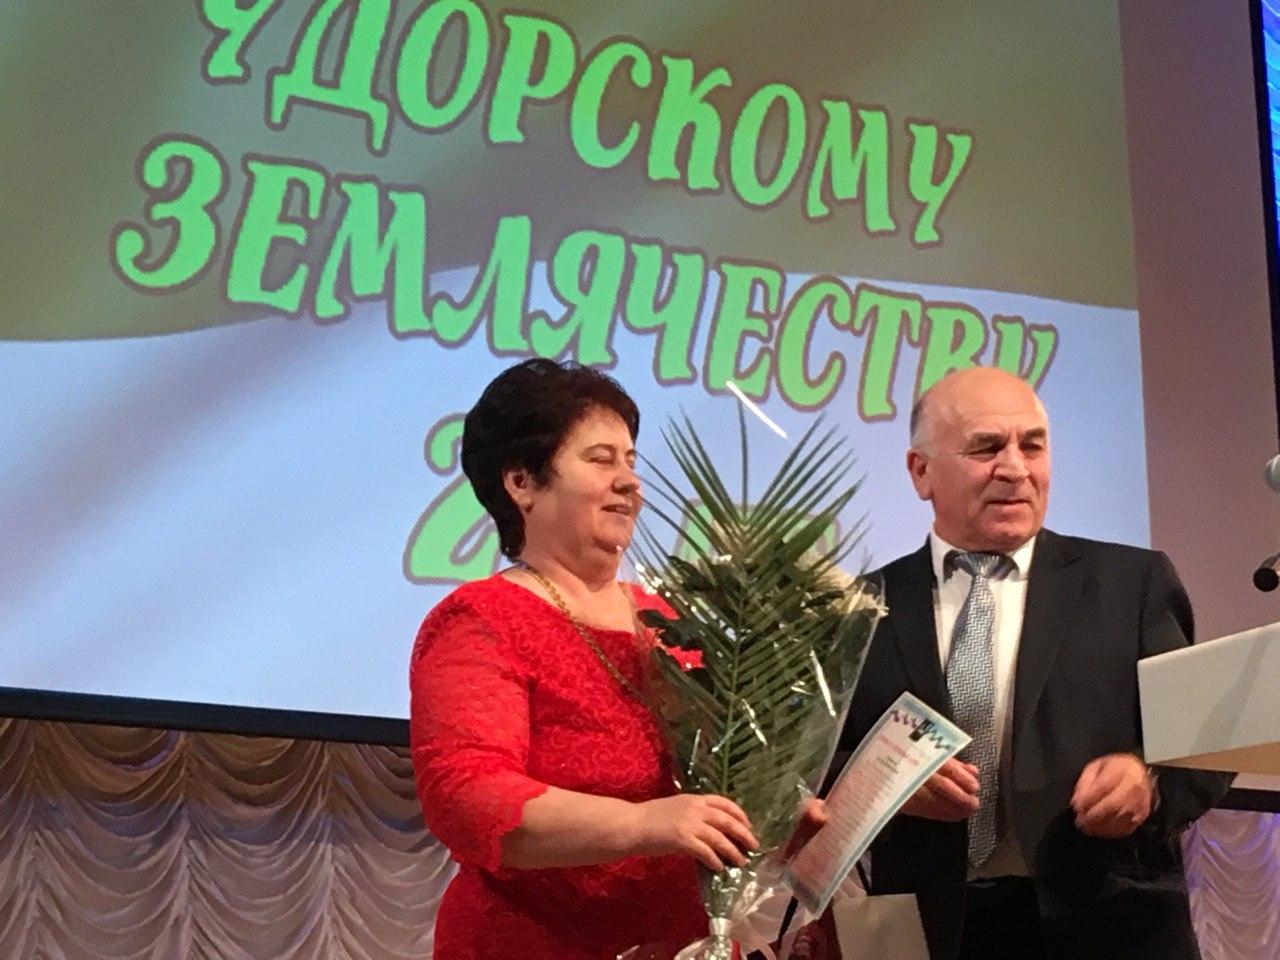 Руководители района  приняли участие в мероприятии, посвященном 20-летию Удорского землячества